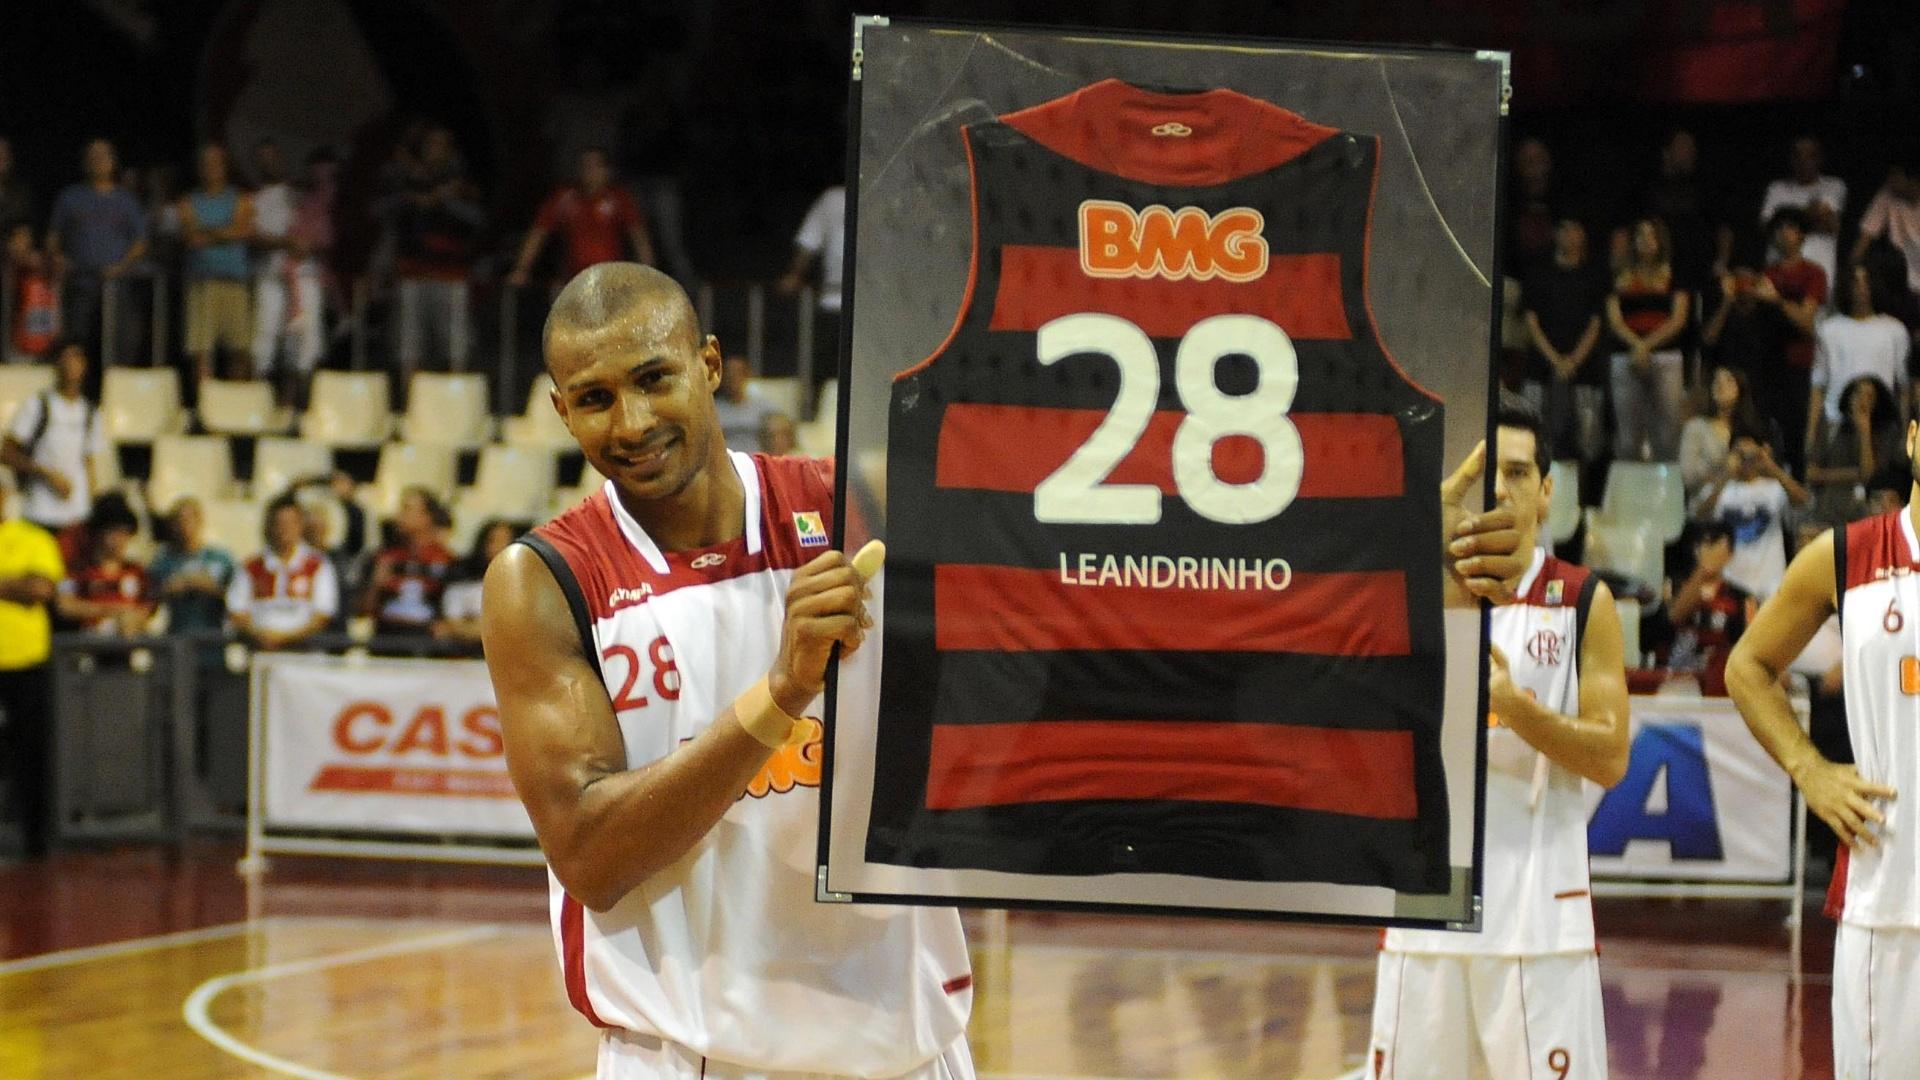 Leandrinho recebe homenagem do Flamengo em sua despedida do clube carioca (03/12/11)